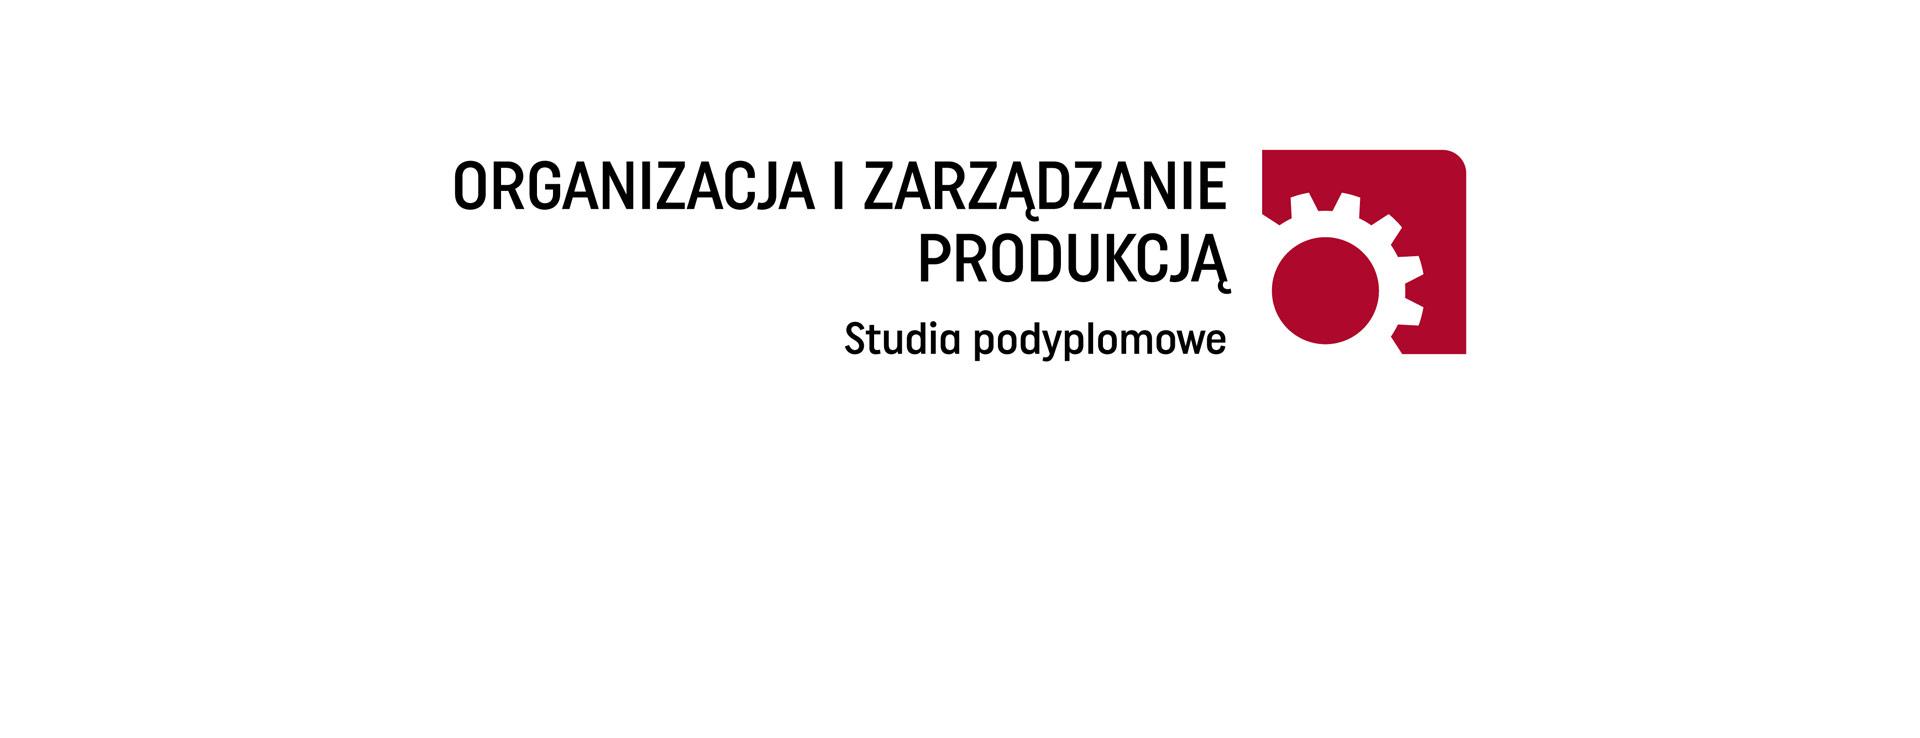 OIZP_logo1